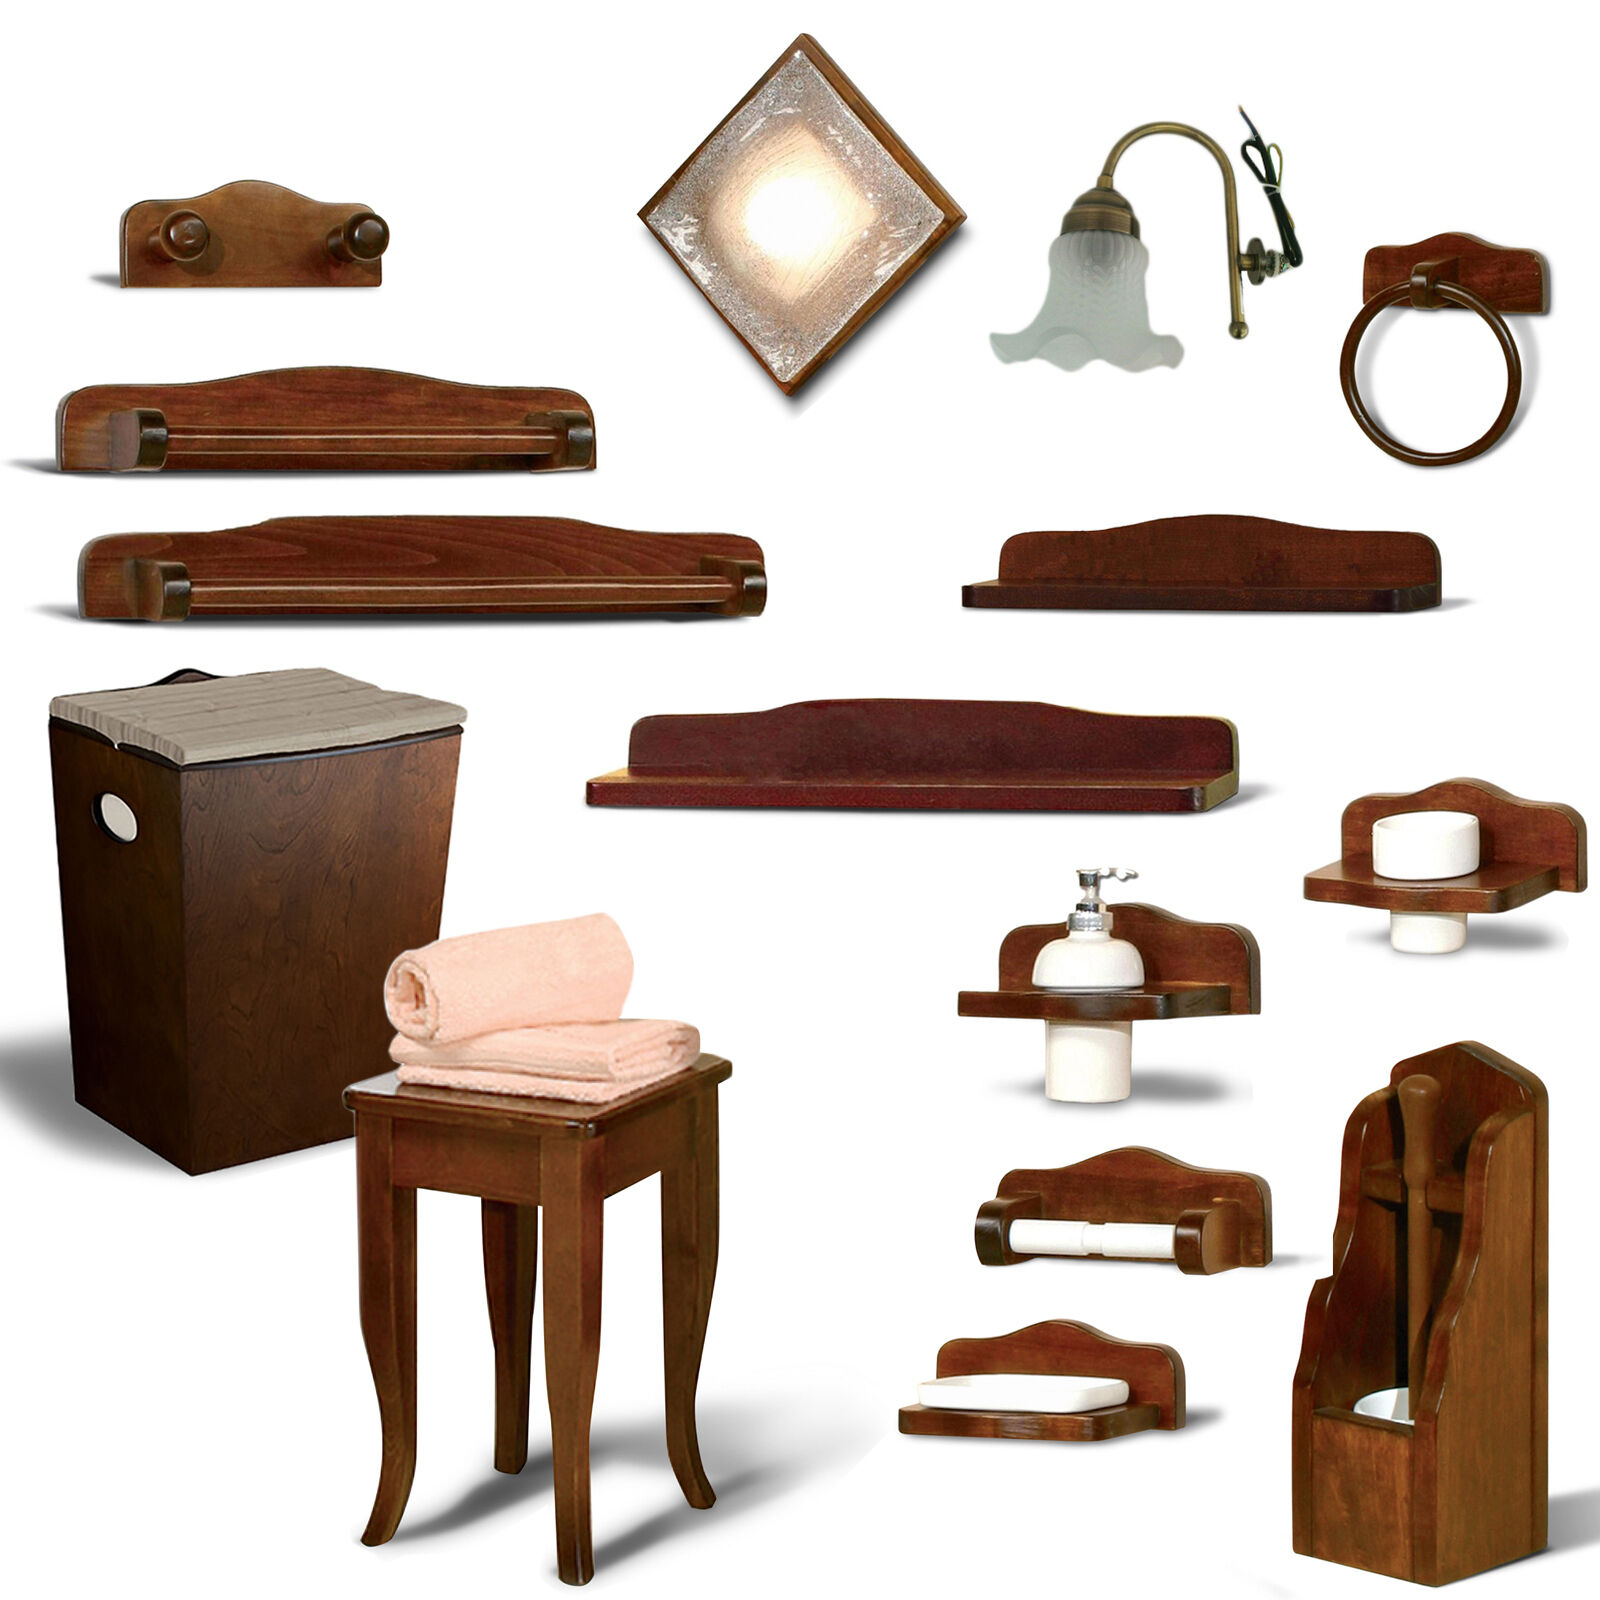 Nuovi accessori bagno arte povera country 16 articoli for Accessori x il bagno